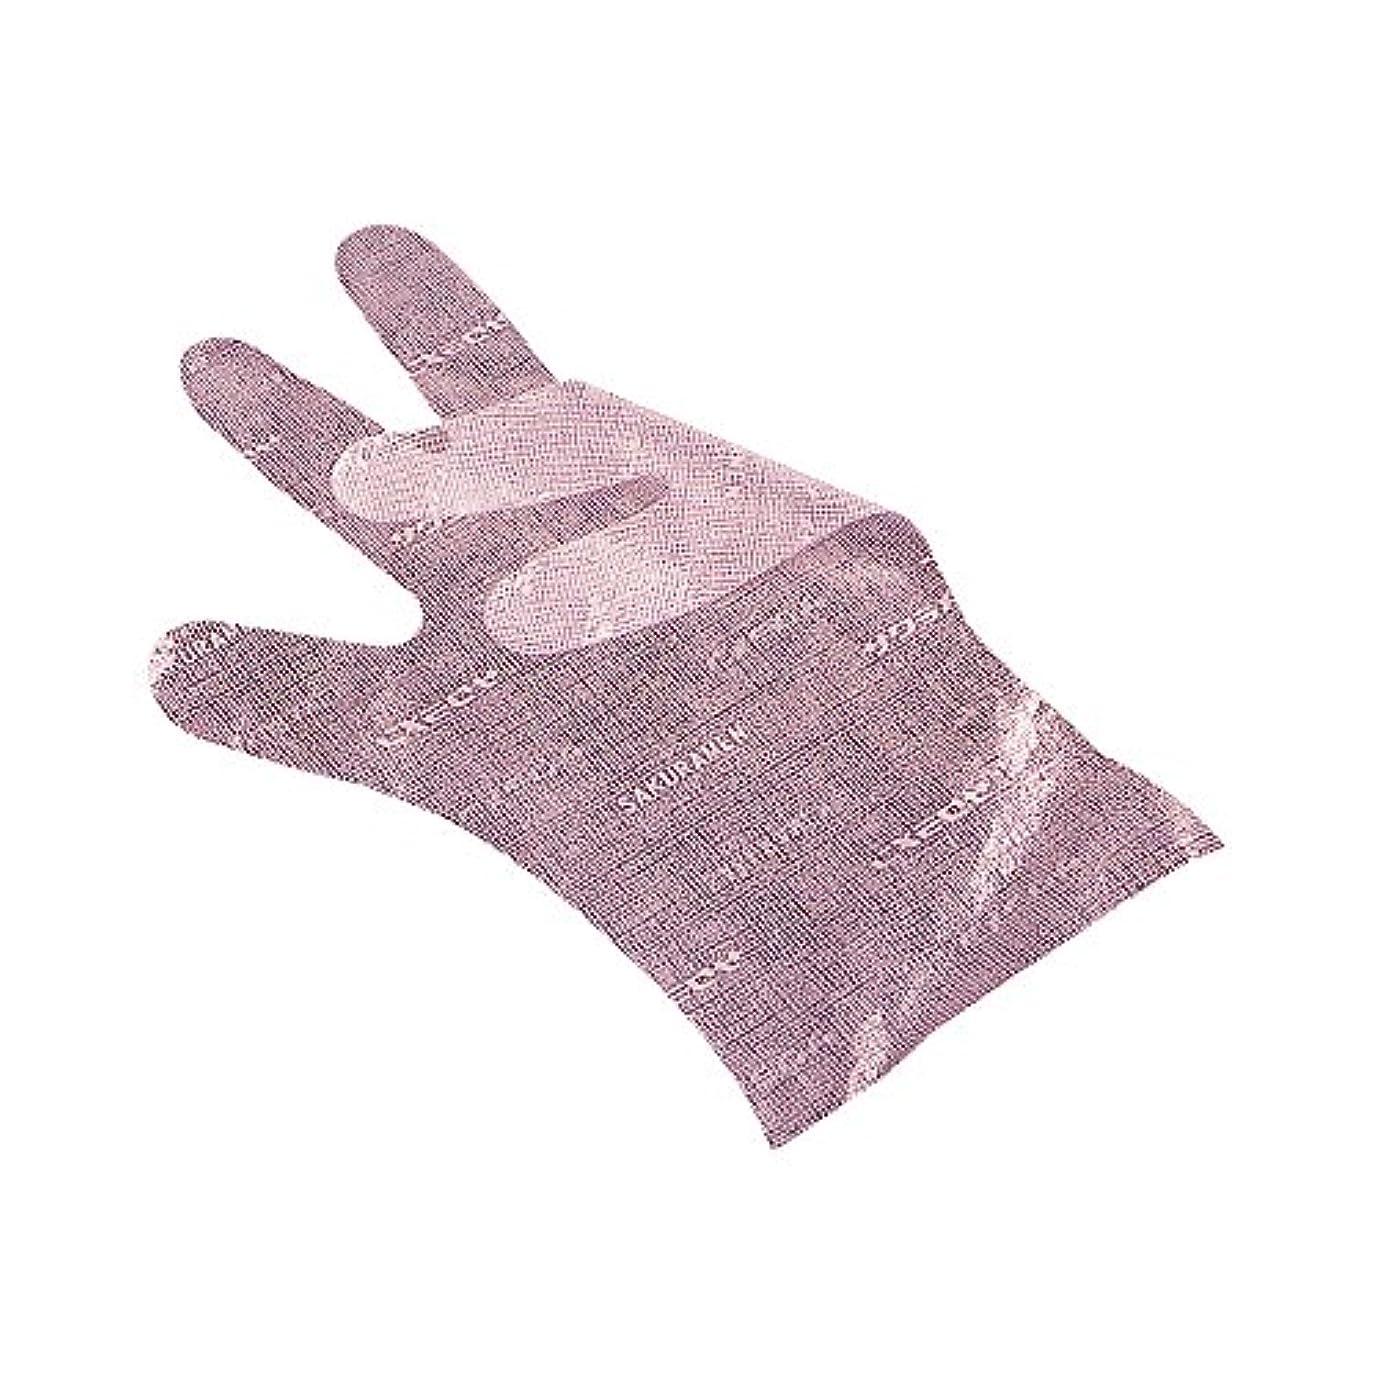 欠員測定可能自動化サクラメンエンボス手袋 デラックス ピンク S 100枚入